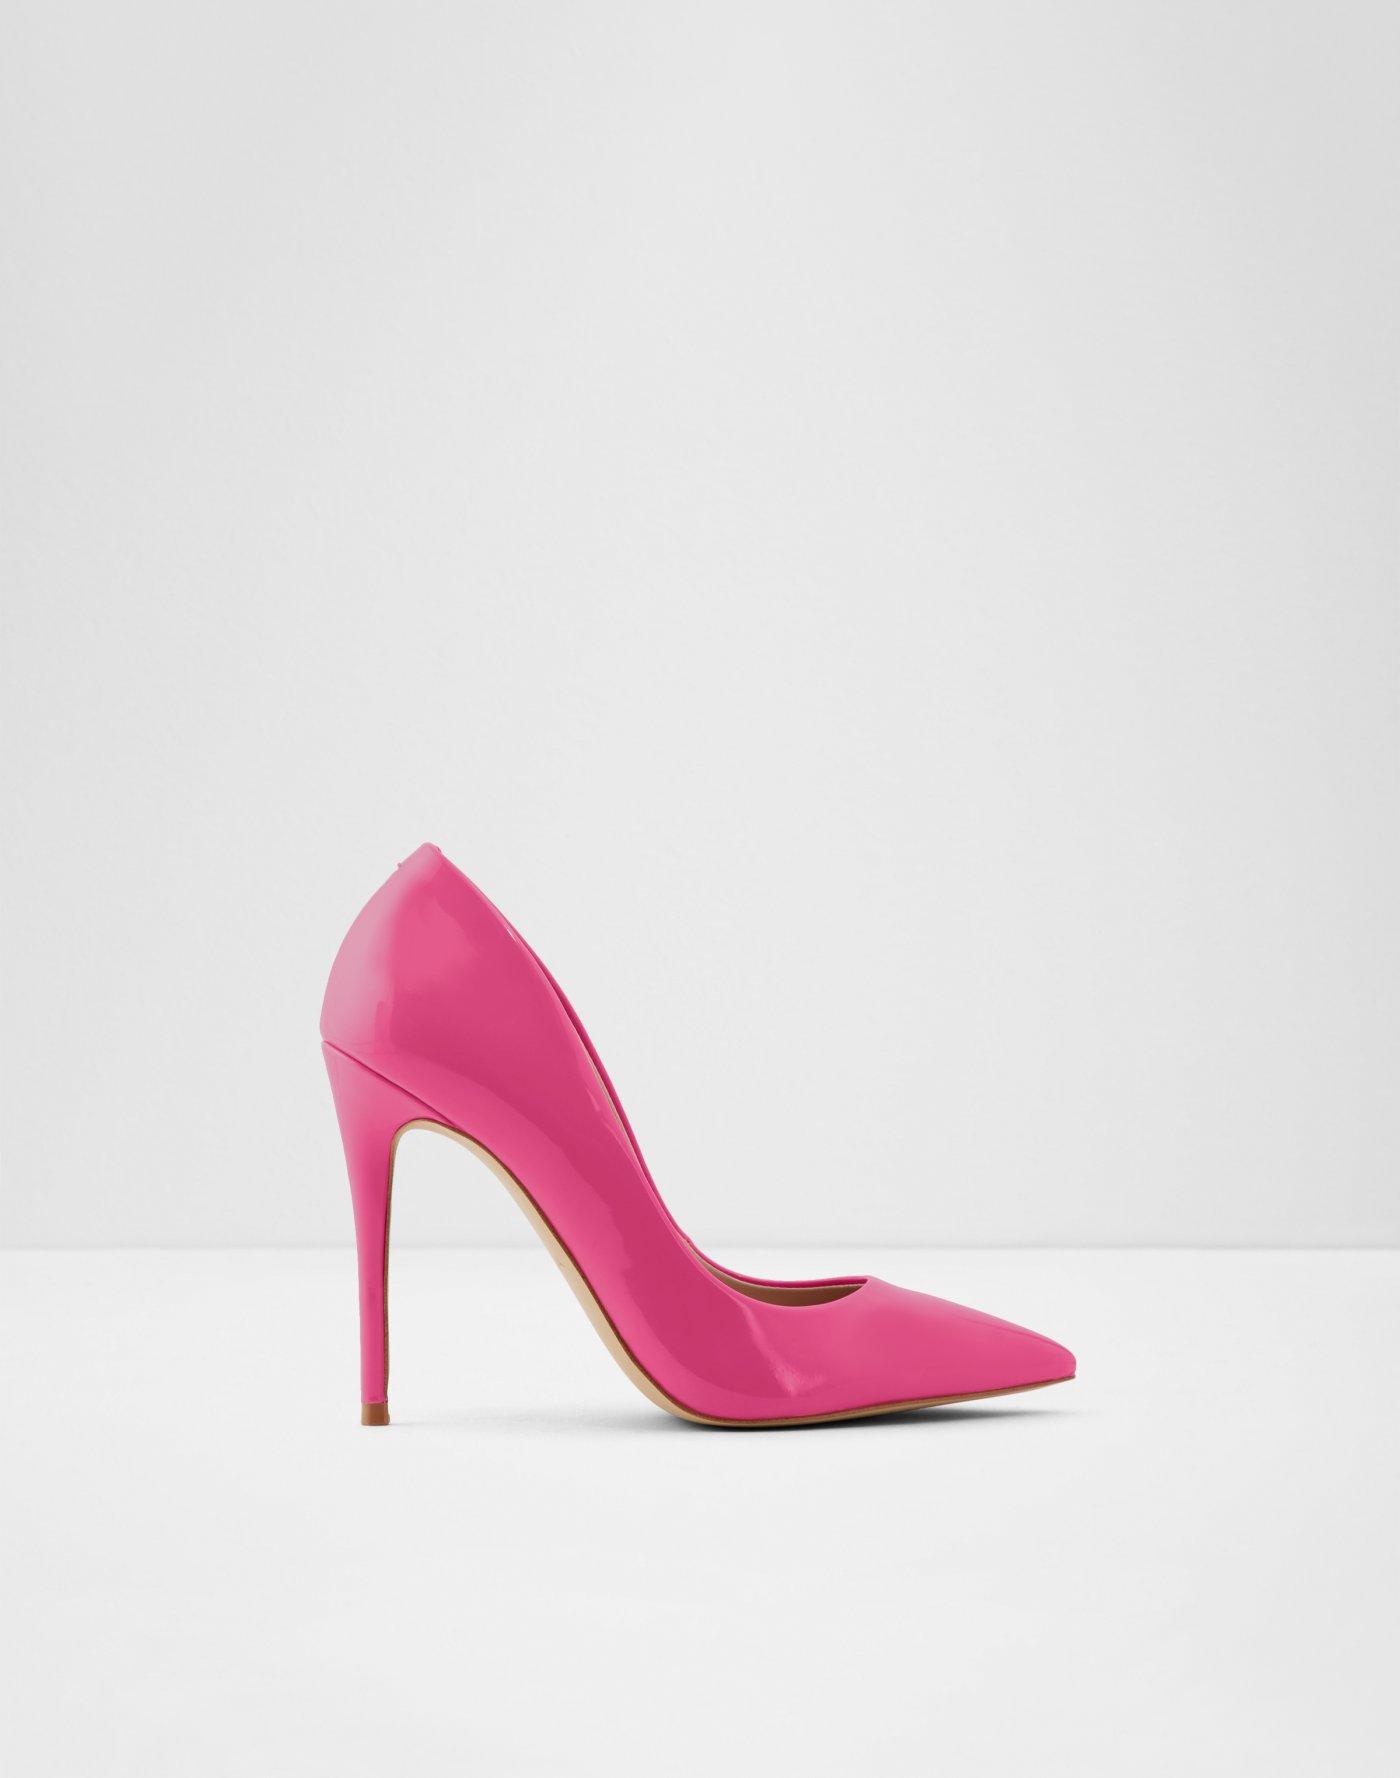 34f198eec244 Women's Heels | Black, Red, Nude, Silver Heels | ALDO US | Aldoshoes.com US